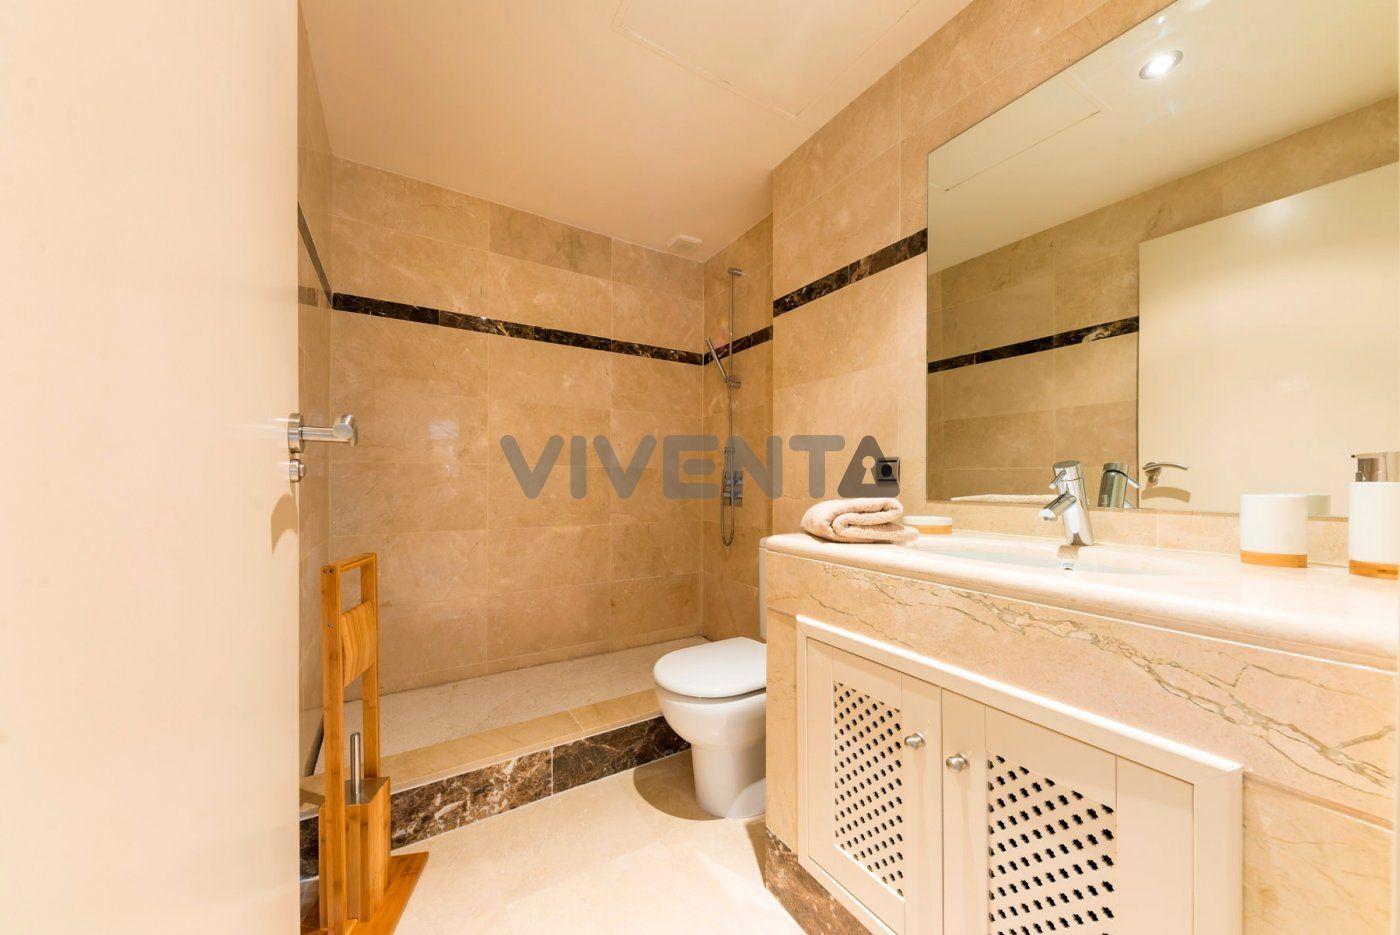 Apartamento · Los Narejos · LOS ALCAZARES MAR MENOR 148.000€€